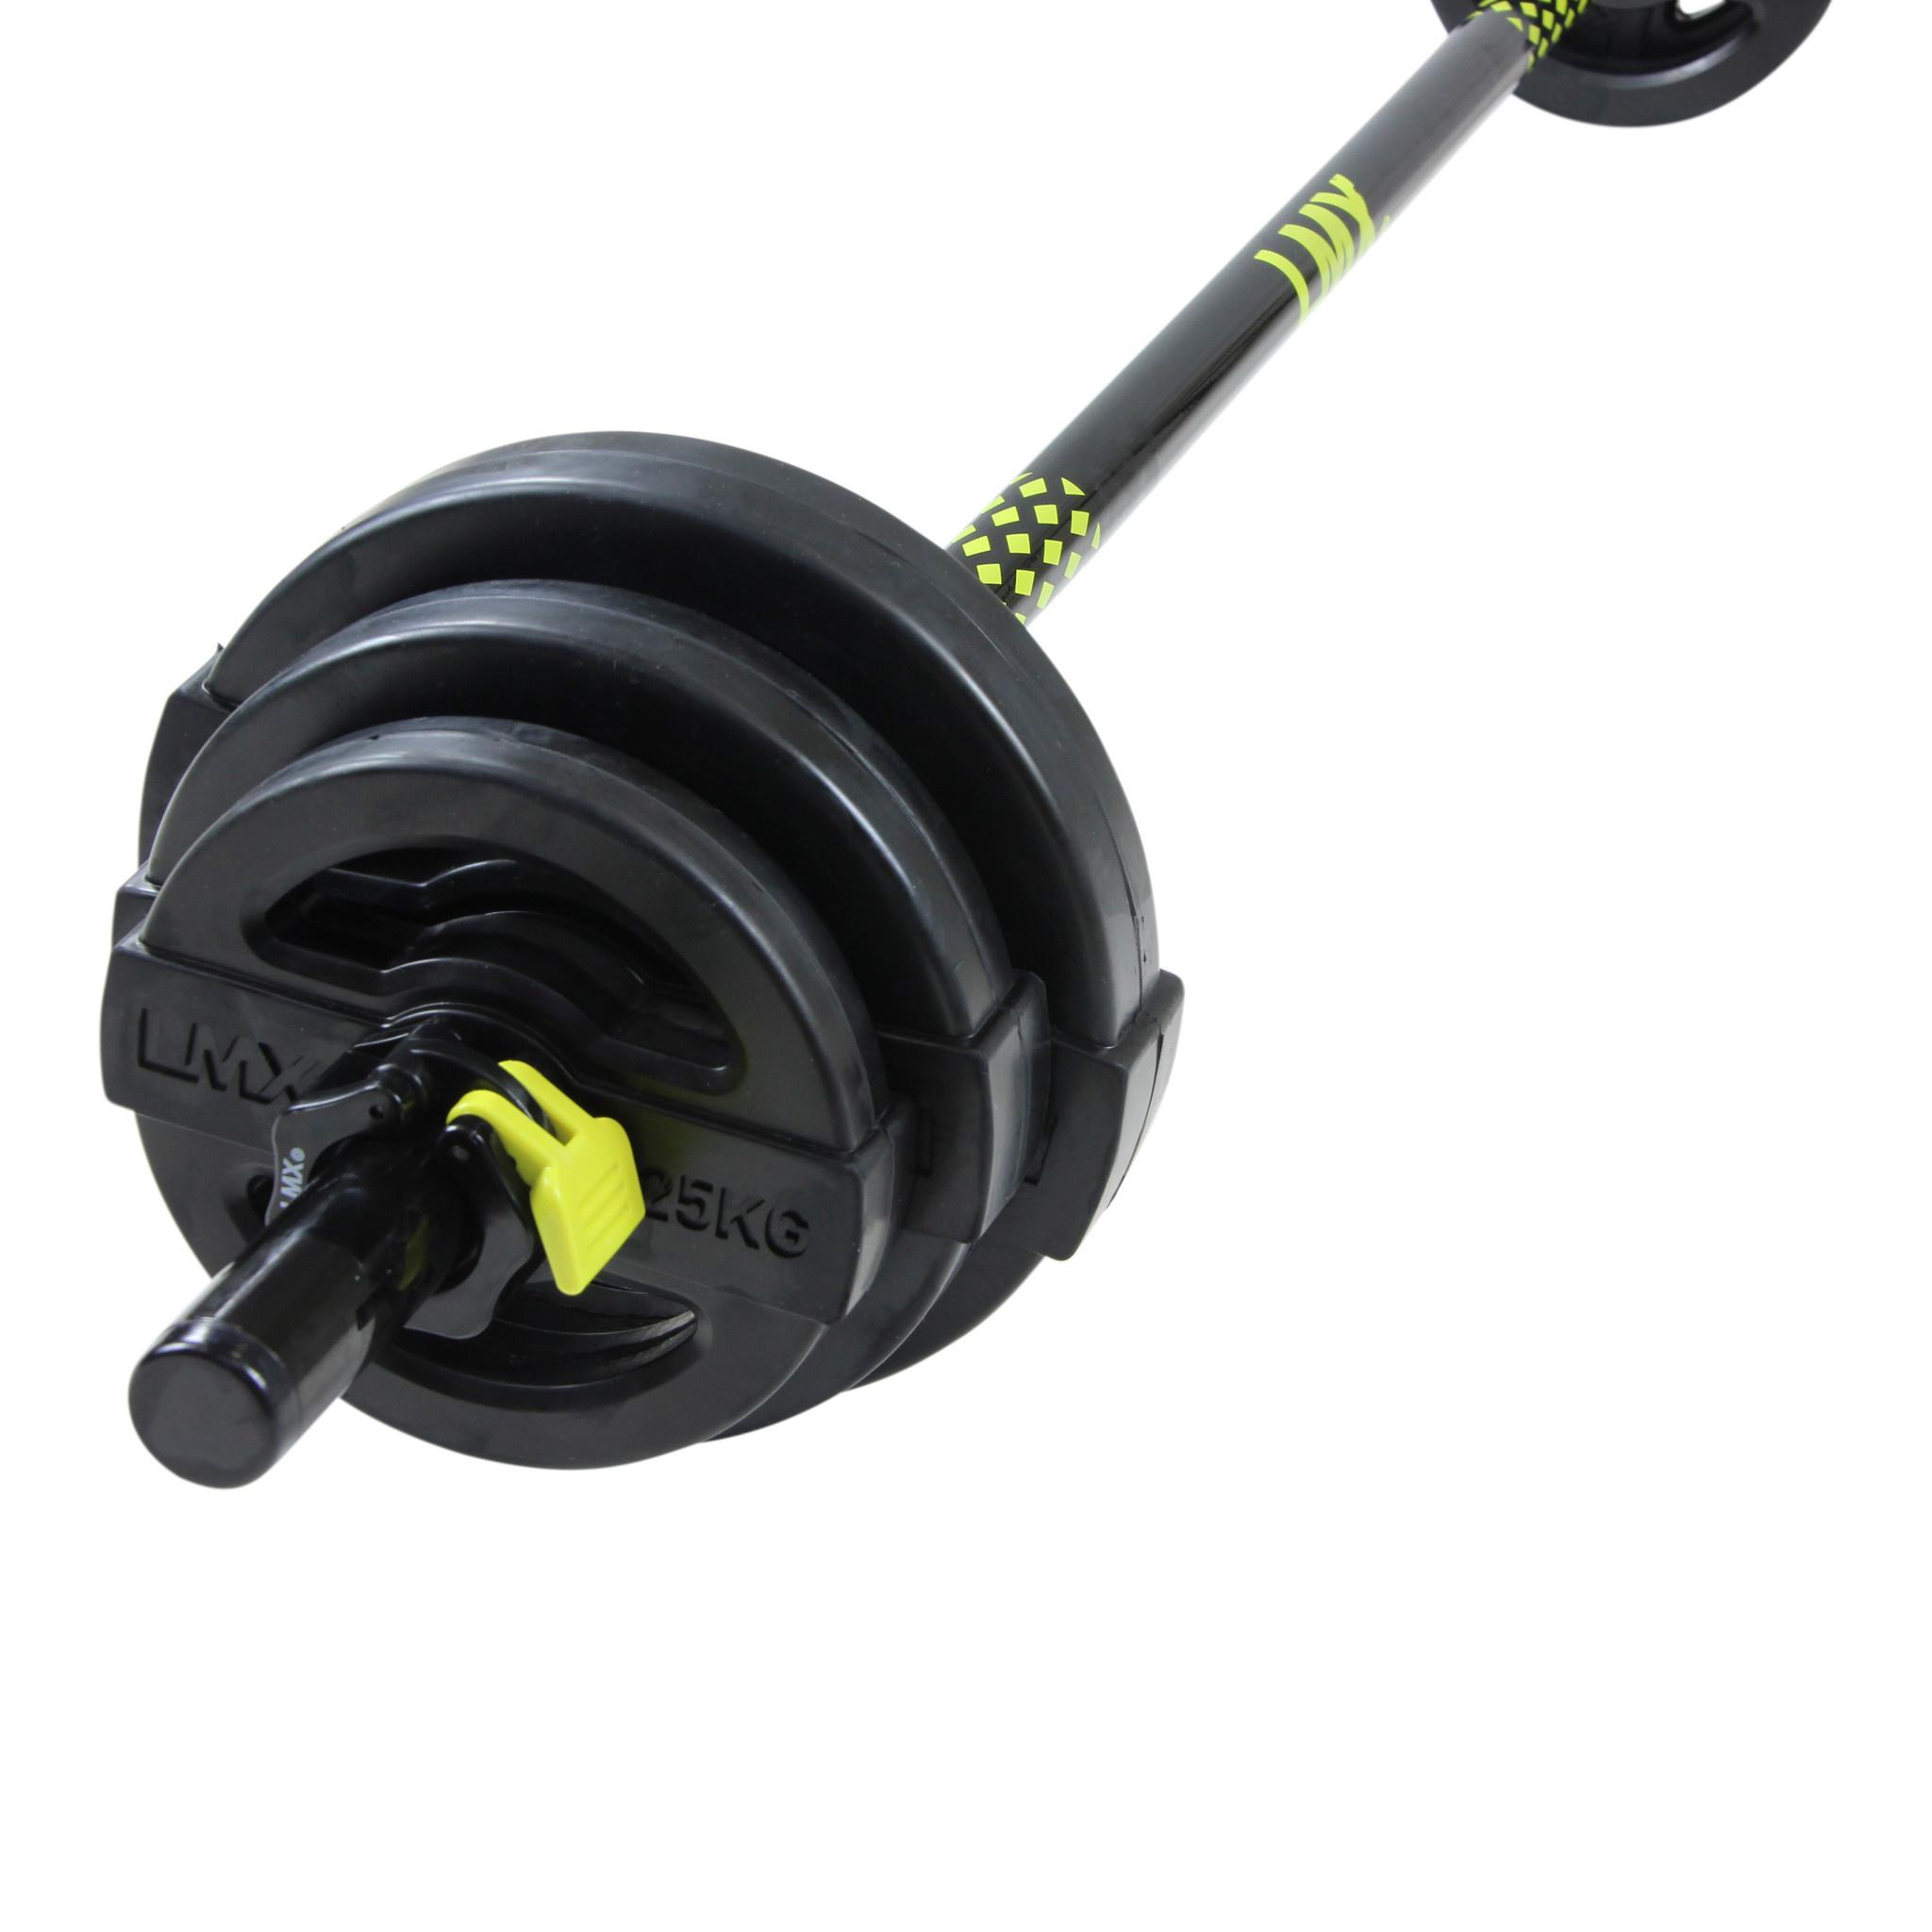 Op Body Plus 'gezondheid, fittness, verzorging' is alles over sport te vinden: waaronder fitnesskoerier en specifiek Lifemaxx LMX1127 Studio Pump Set Black